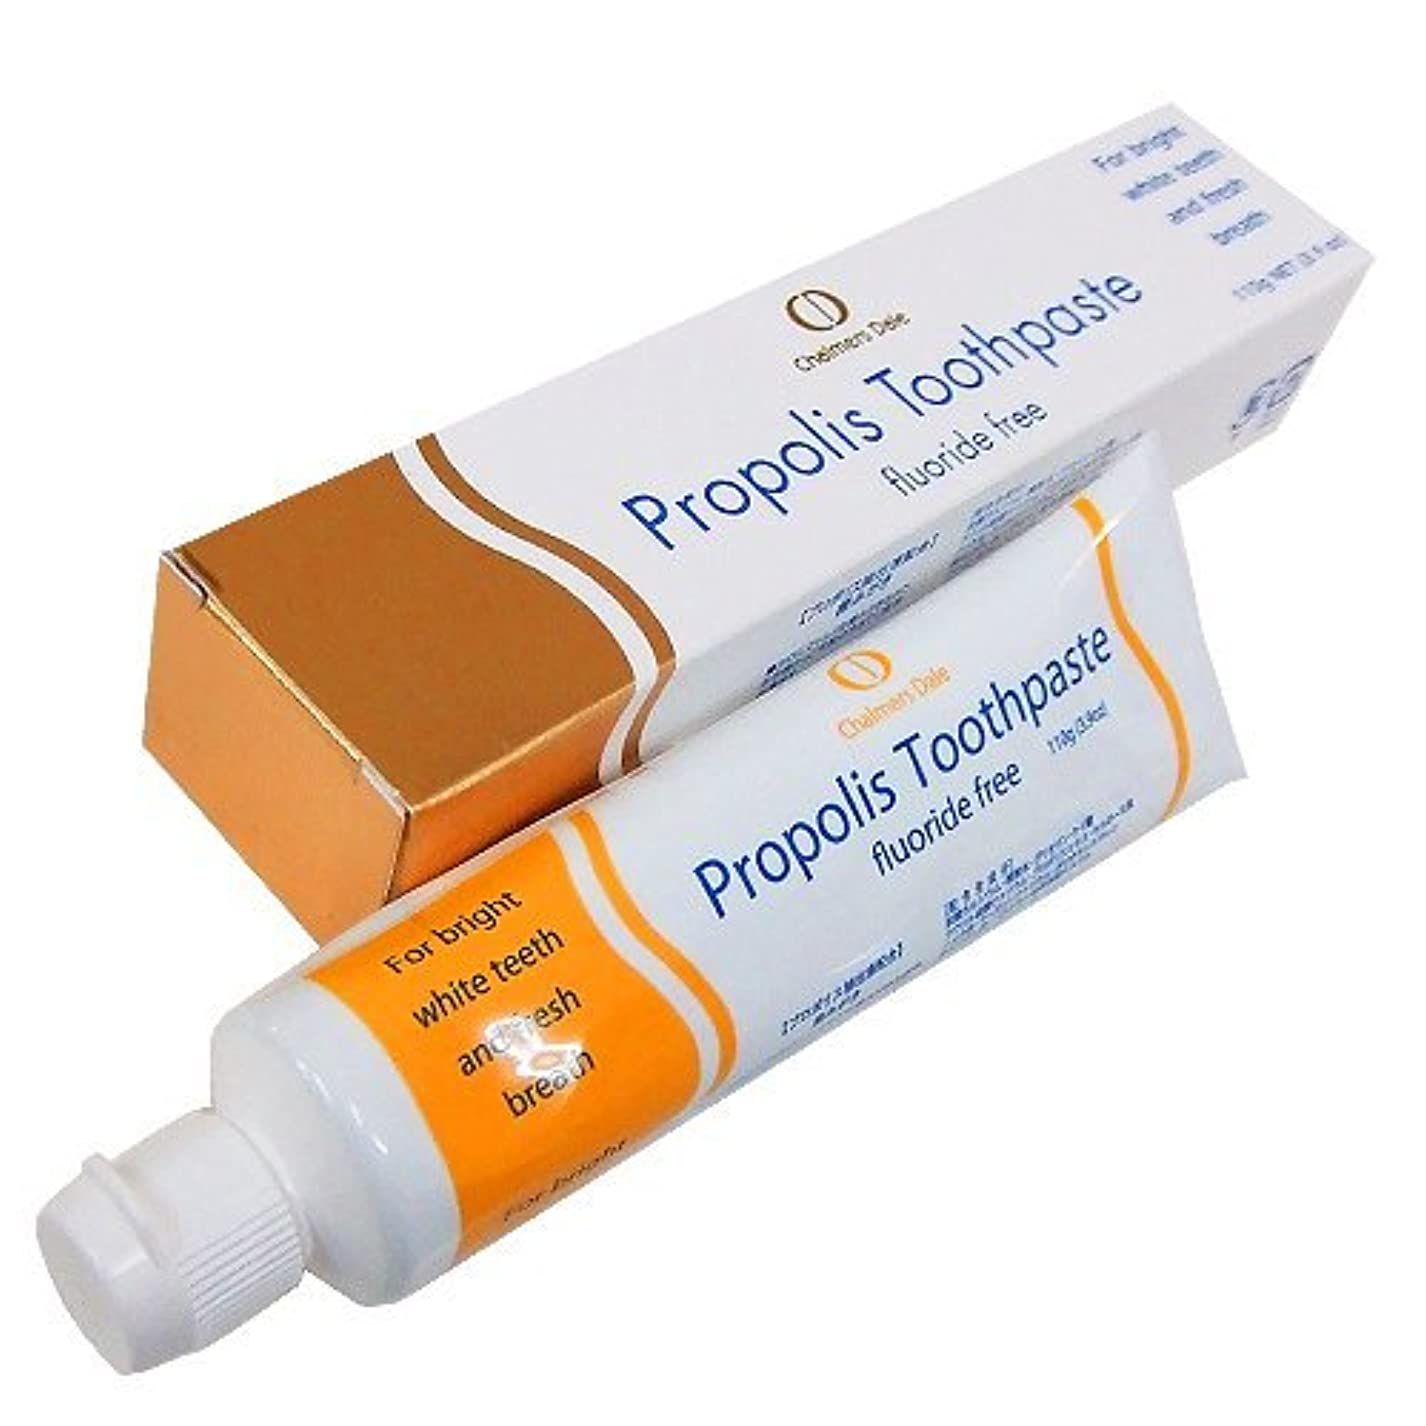 ビンわかる血まみれプロポリス歯磨き 110g フッ素は配合していません